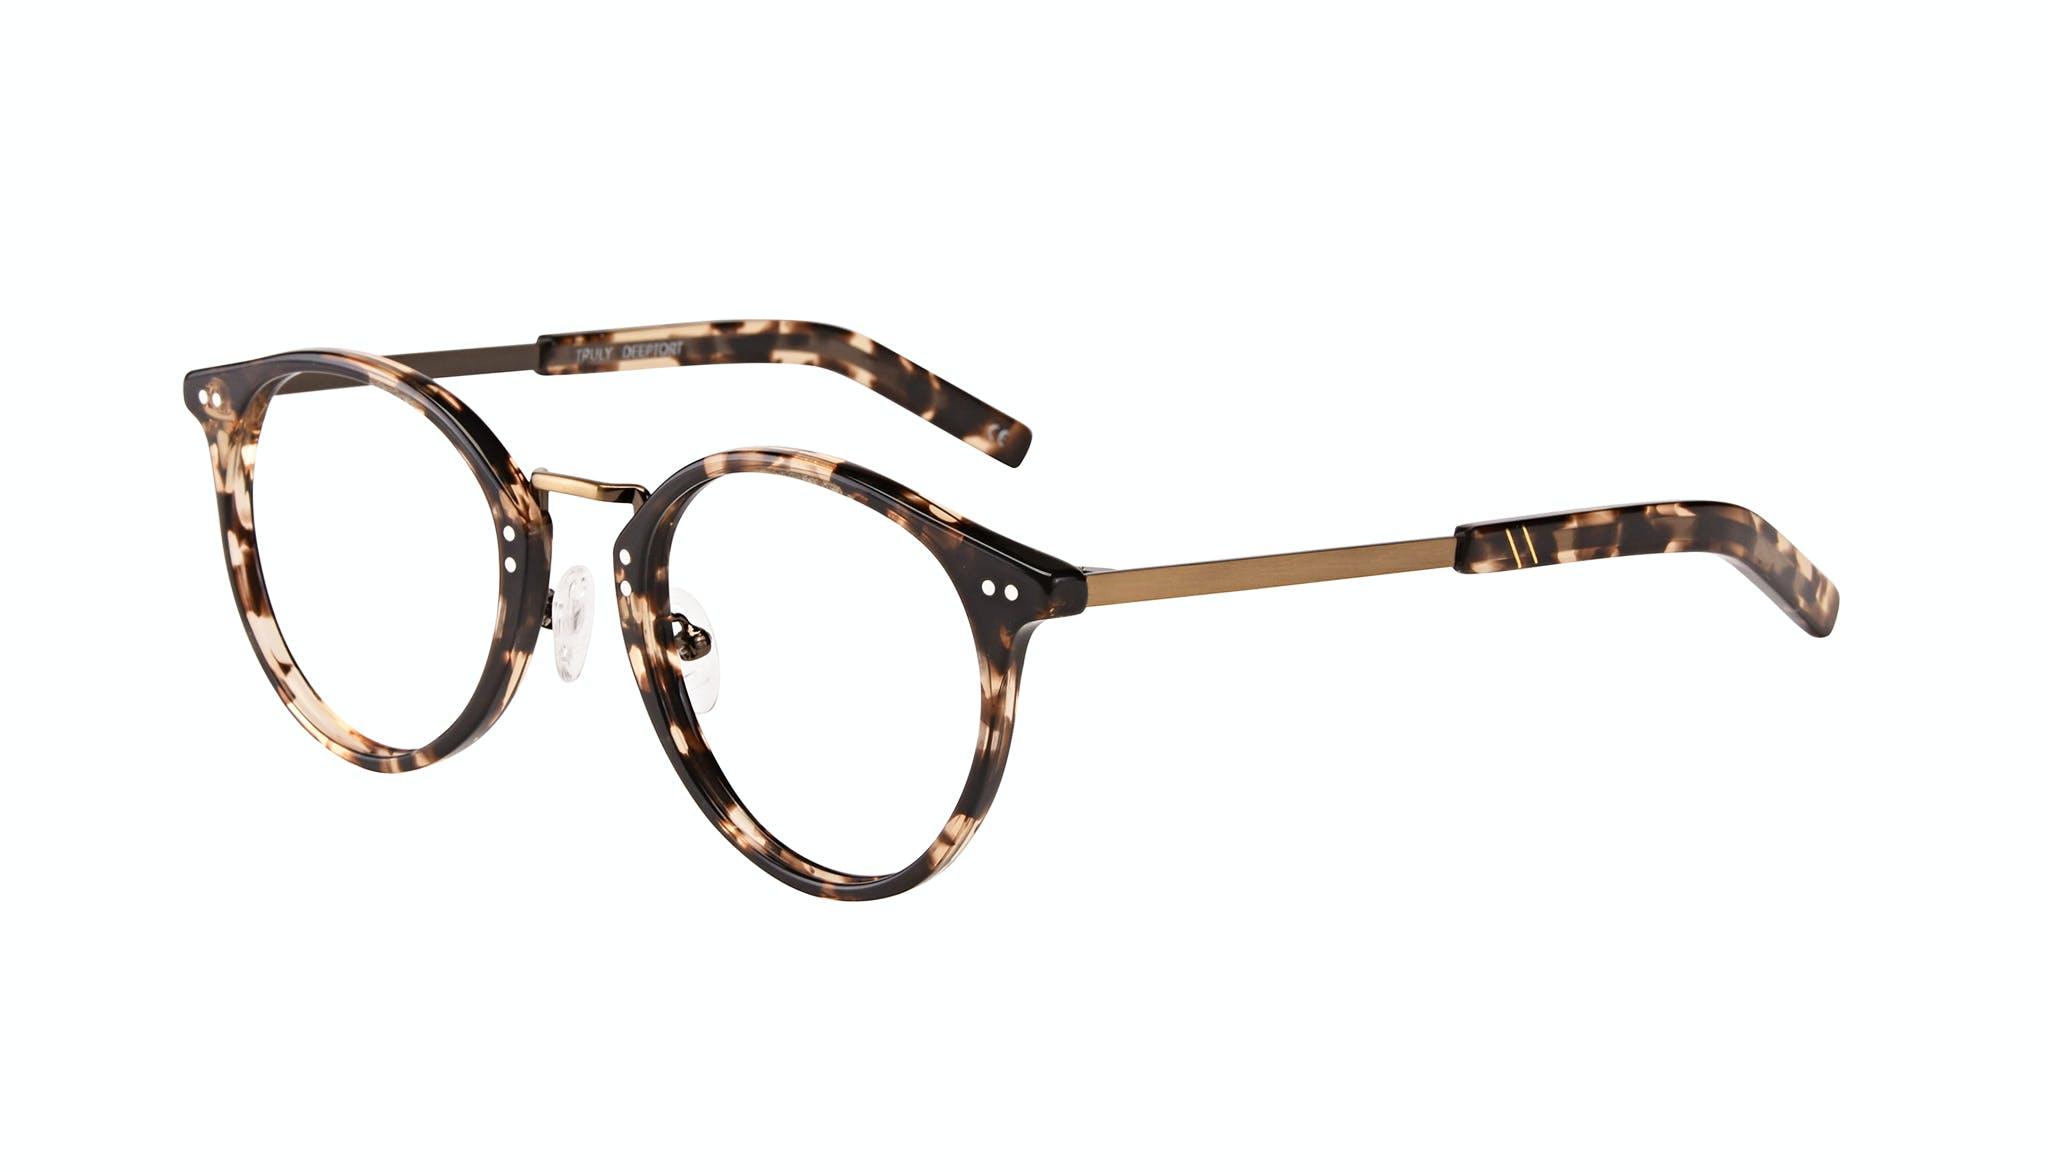 Affordable Fashion Glasses Round Eyeglasses Men Truly Deep Tort Tilt